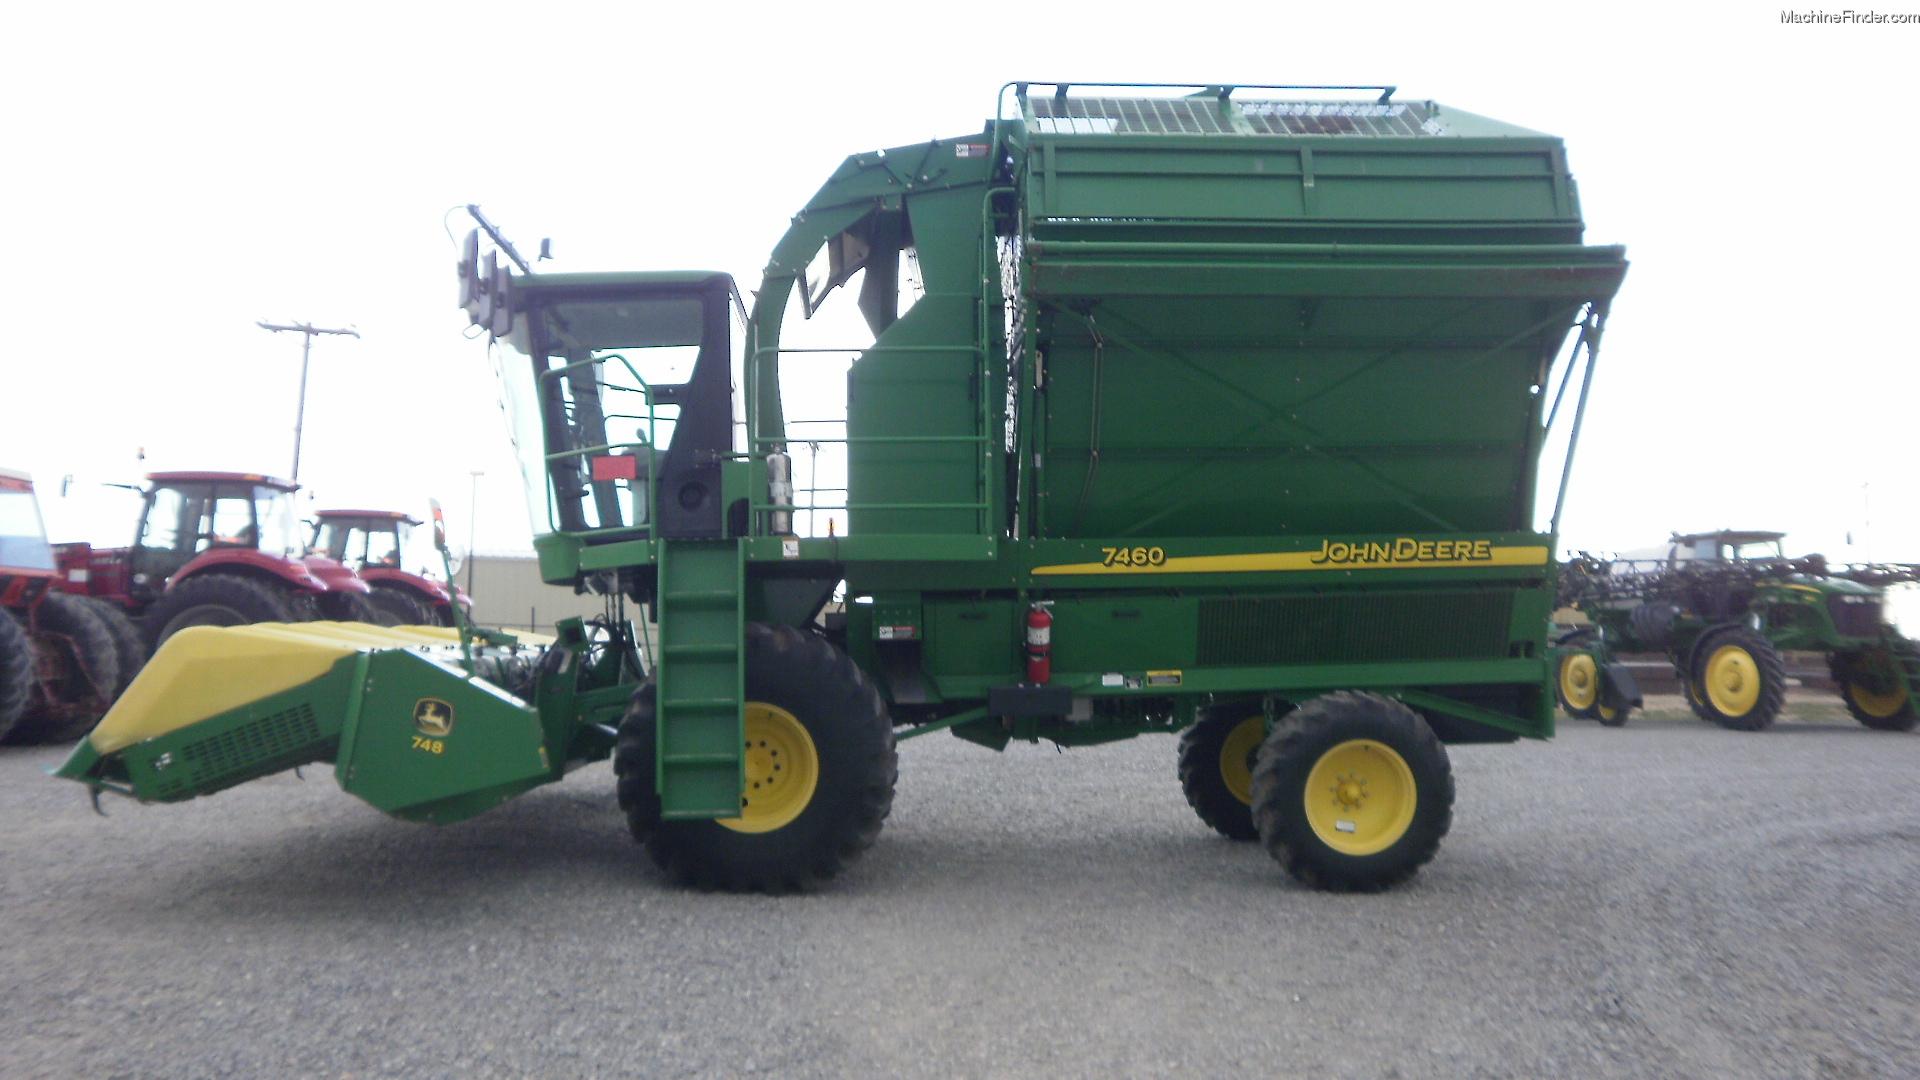 2007 John Deere 7460 Cotton Harvesting - Strippers - John ...